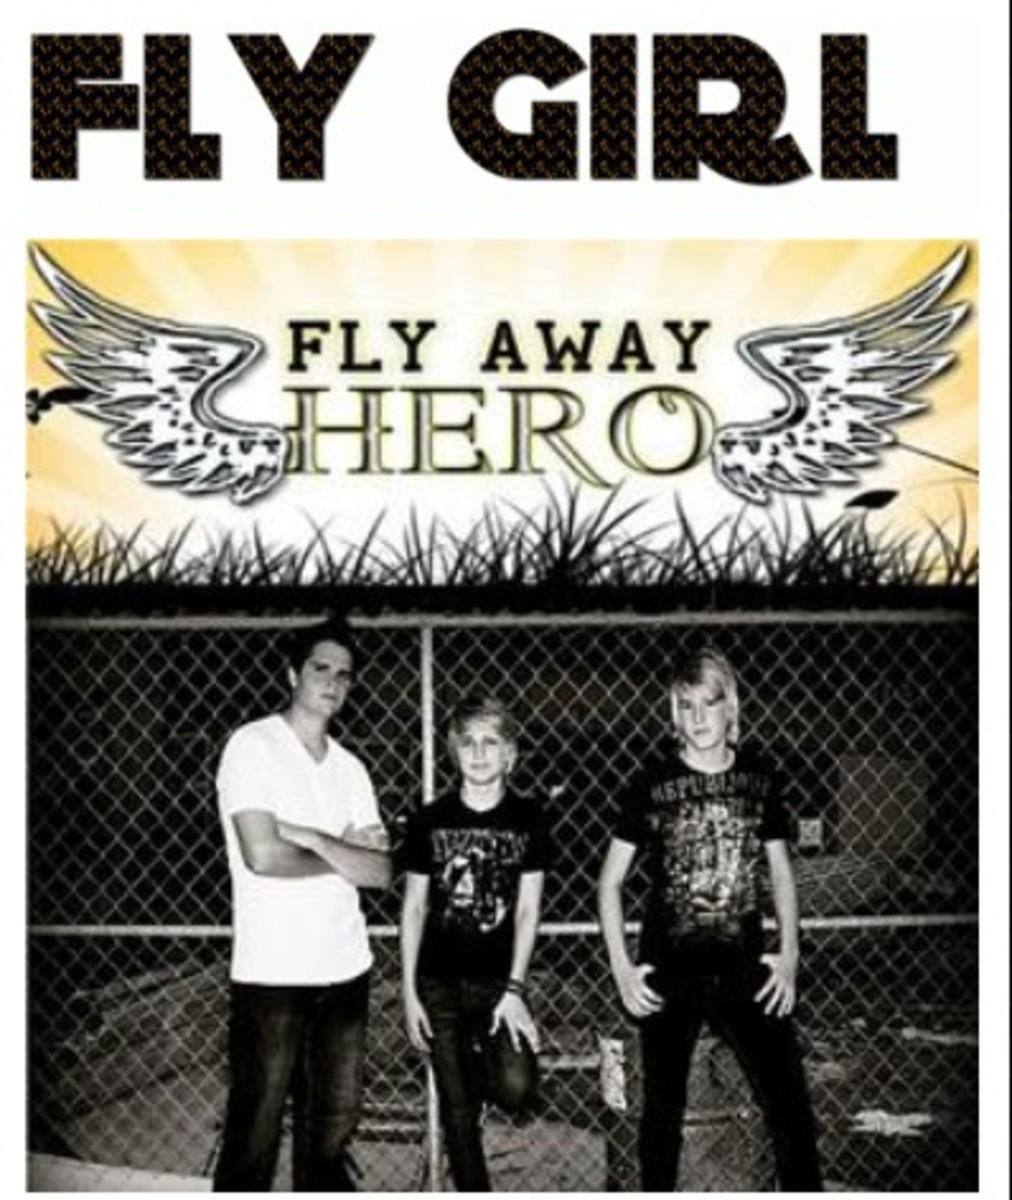 Dalton reassemblies old band Fly Away Hero